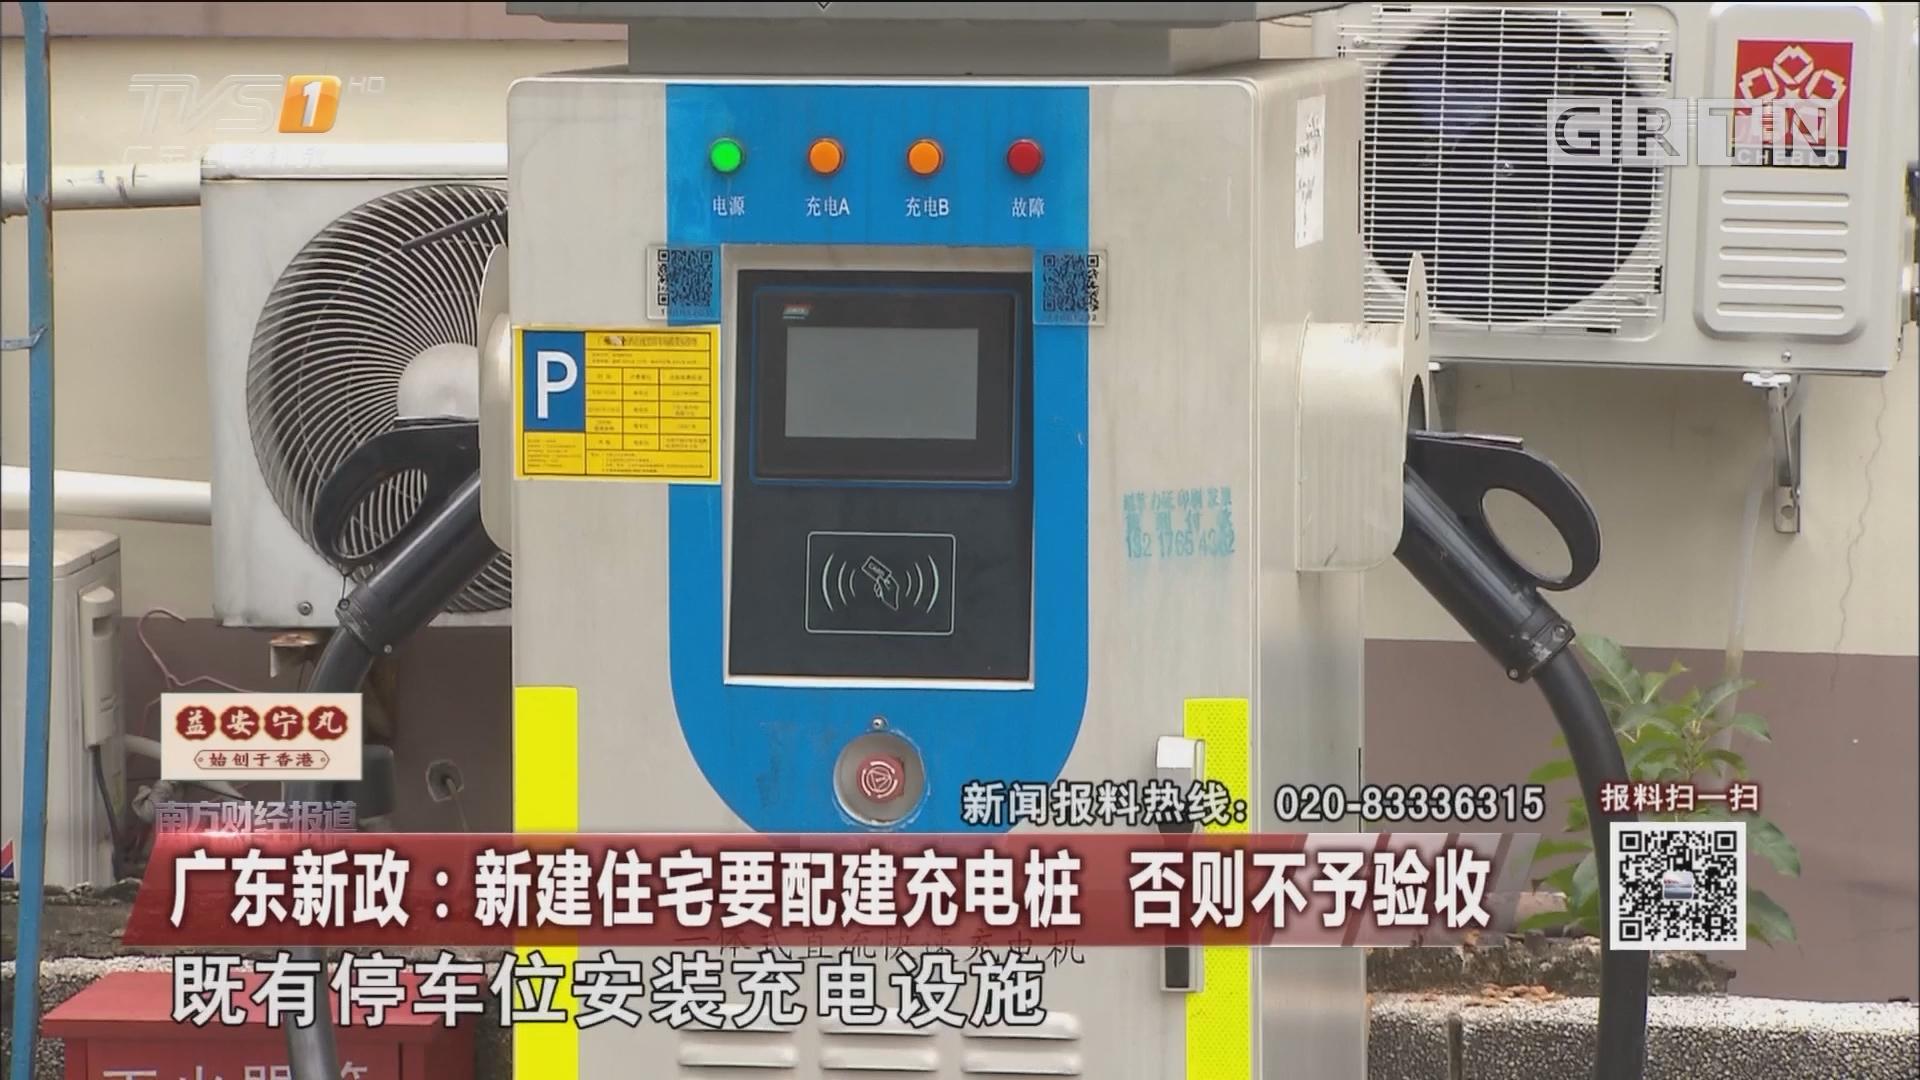 广东新政:新建住宅要配建充电桩 否则不予验收